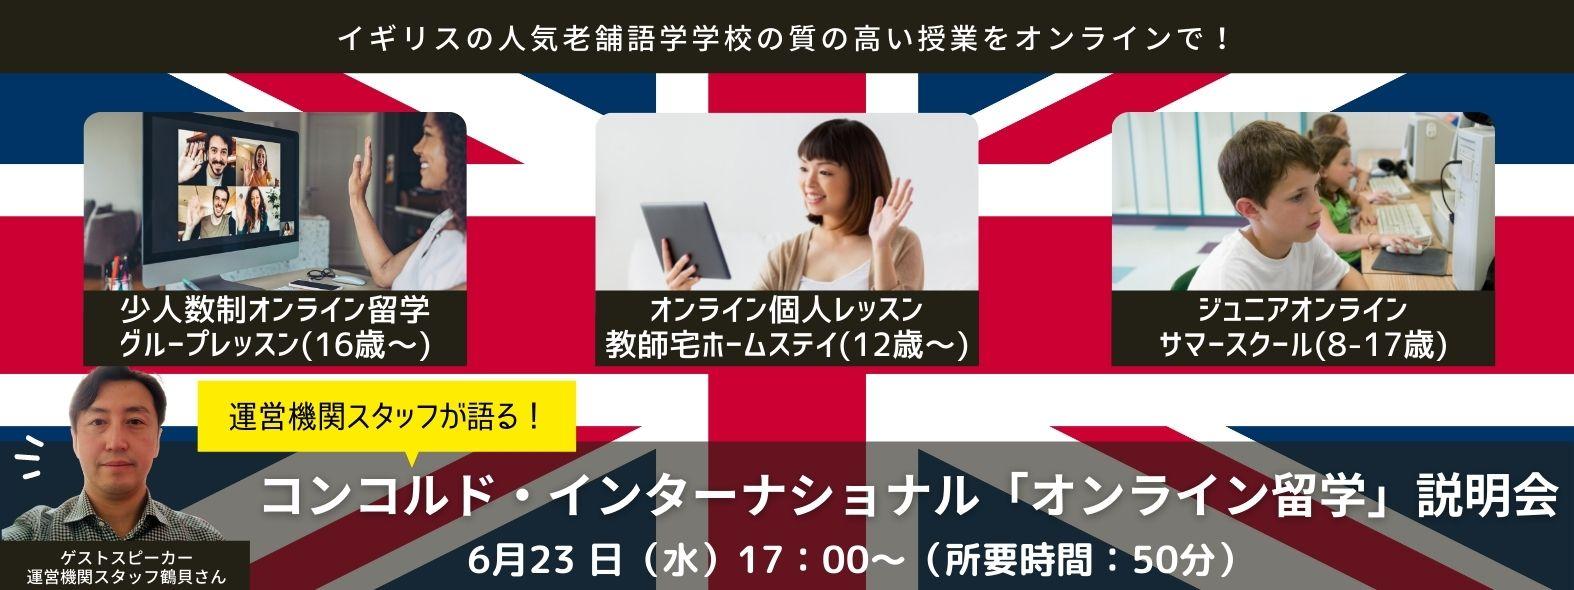 コンコルド・インターナショナル「オンライン留学」説明会